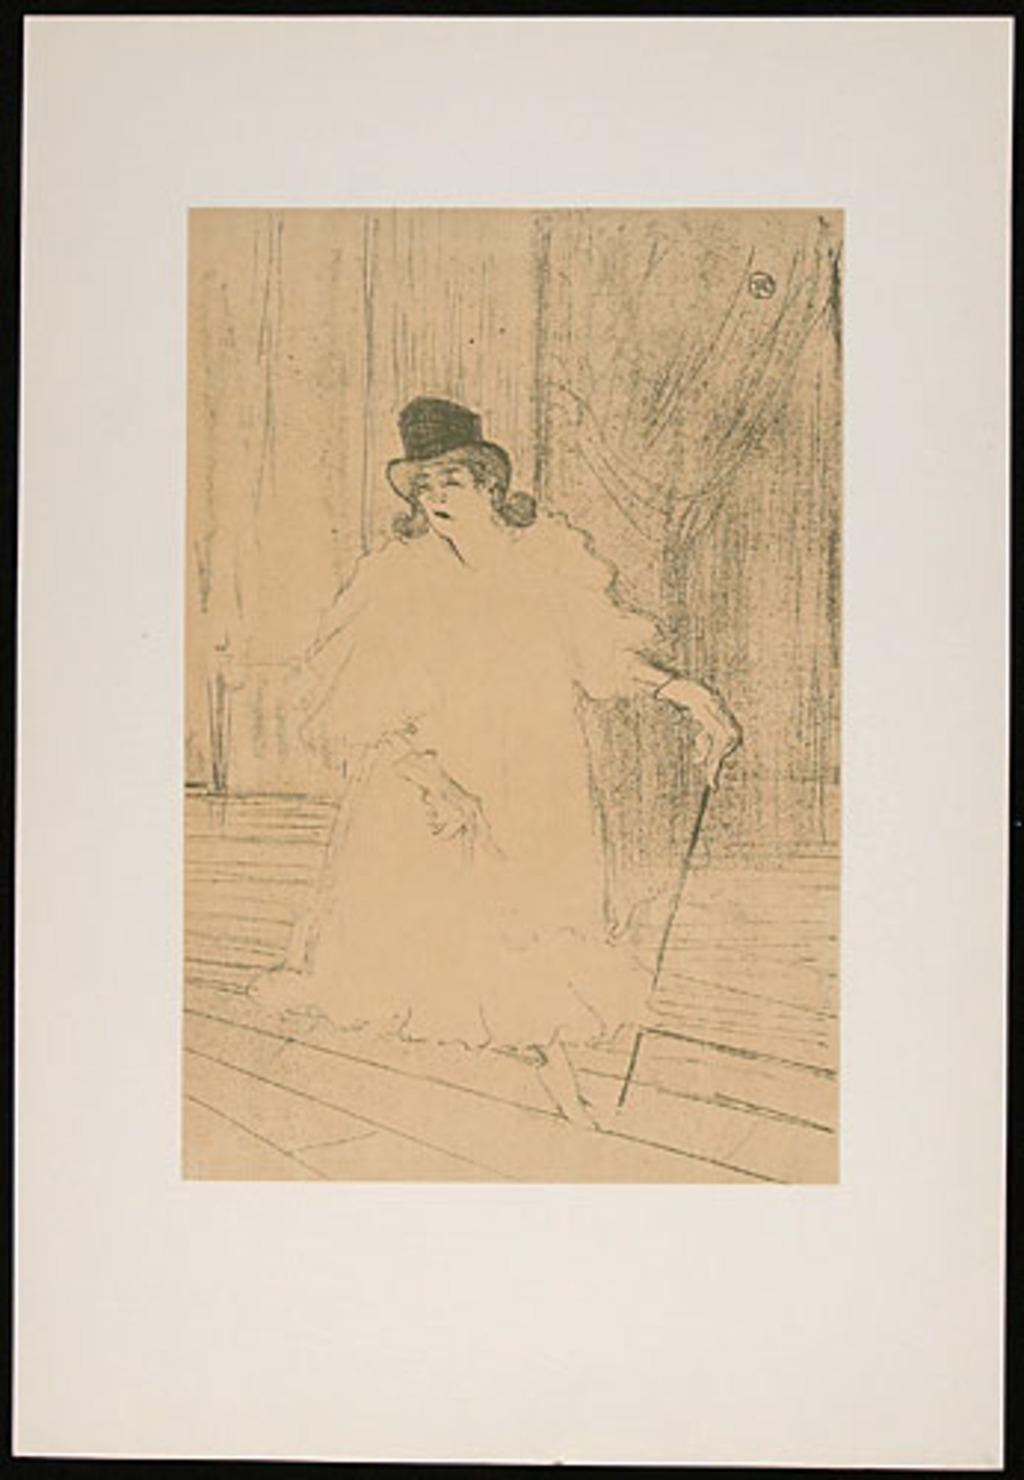 Cecy Loftus, de l'album «Toulouse-Lautrec, douze lithographies»